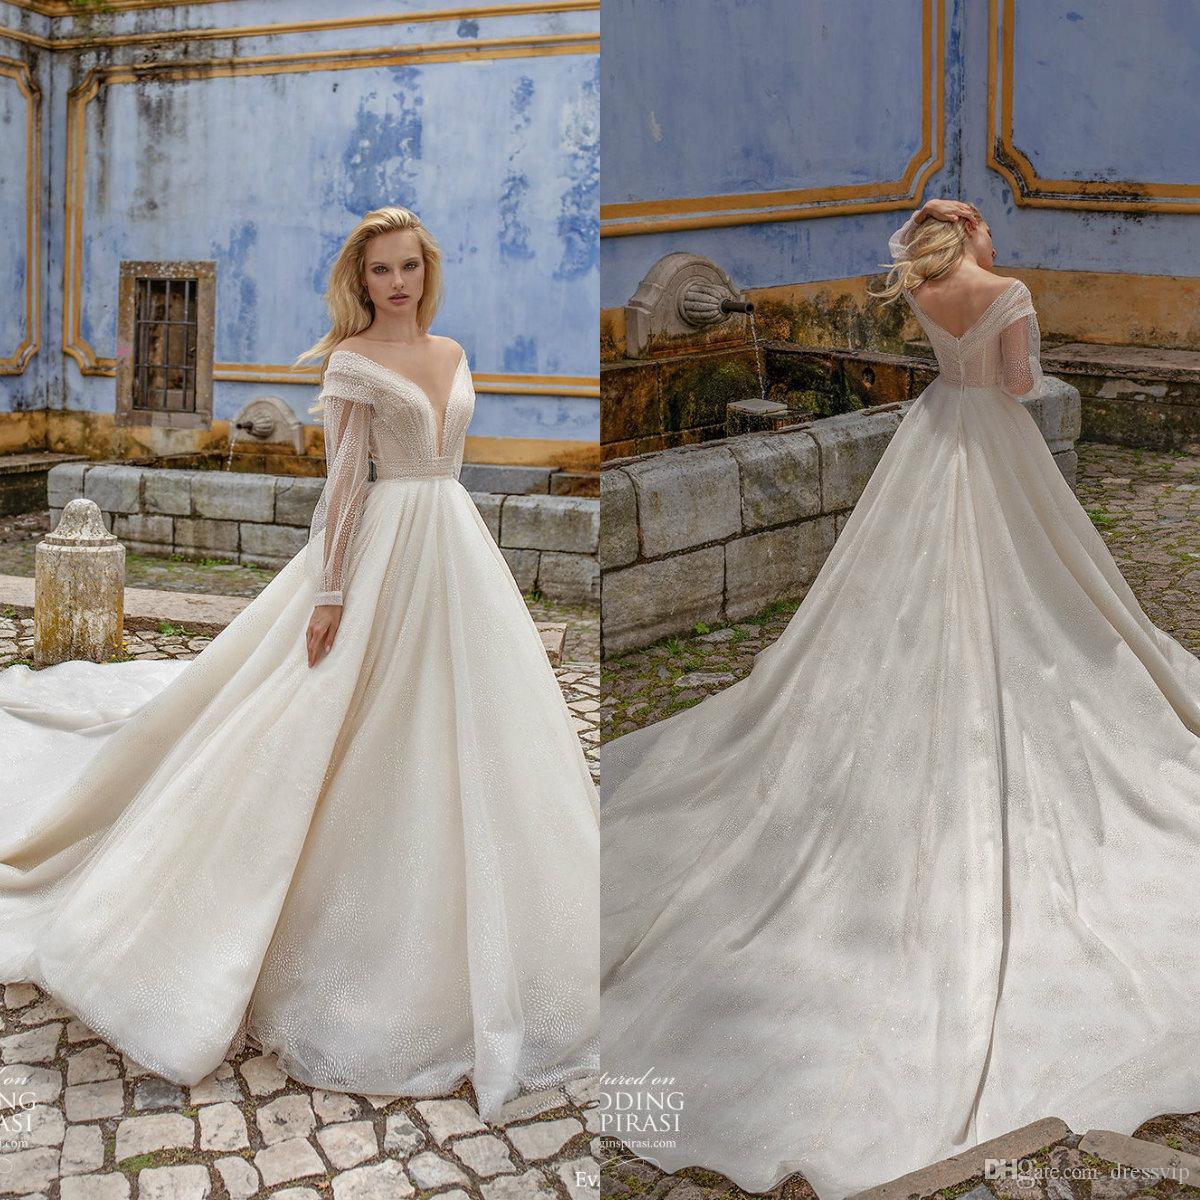 2020 Eva Lendel manga comprida do casamento Vestidos A Linha apliques de renda Sweep Trem Bohemian vestido de casamento Custom Made elegante Vestidos De Novia